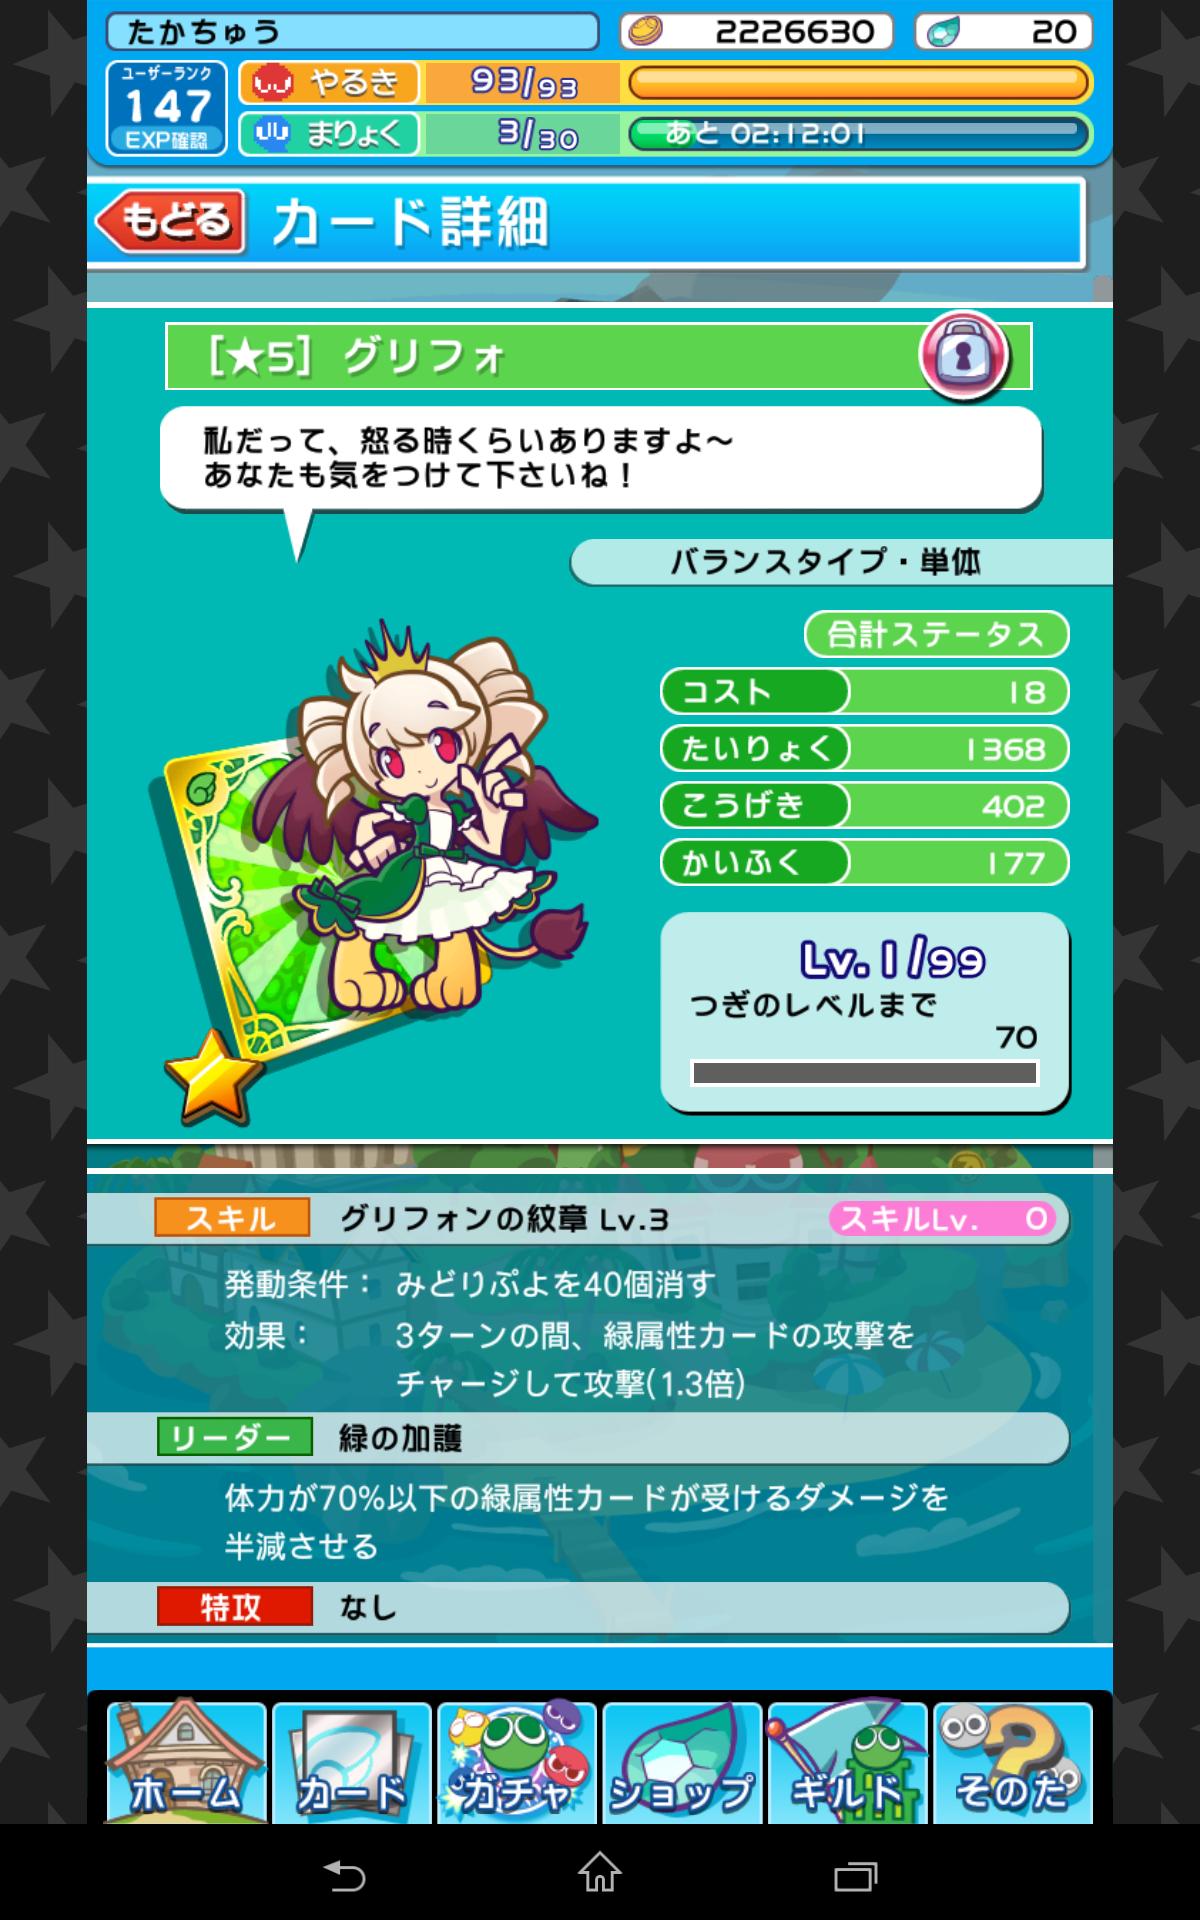 (150411) ぷよクエ-グリフォ3